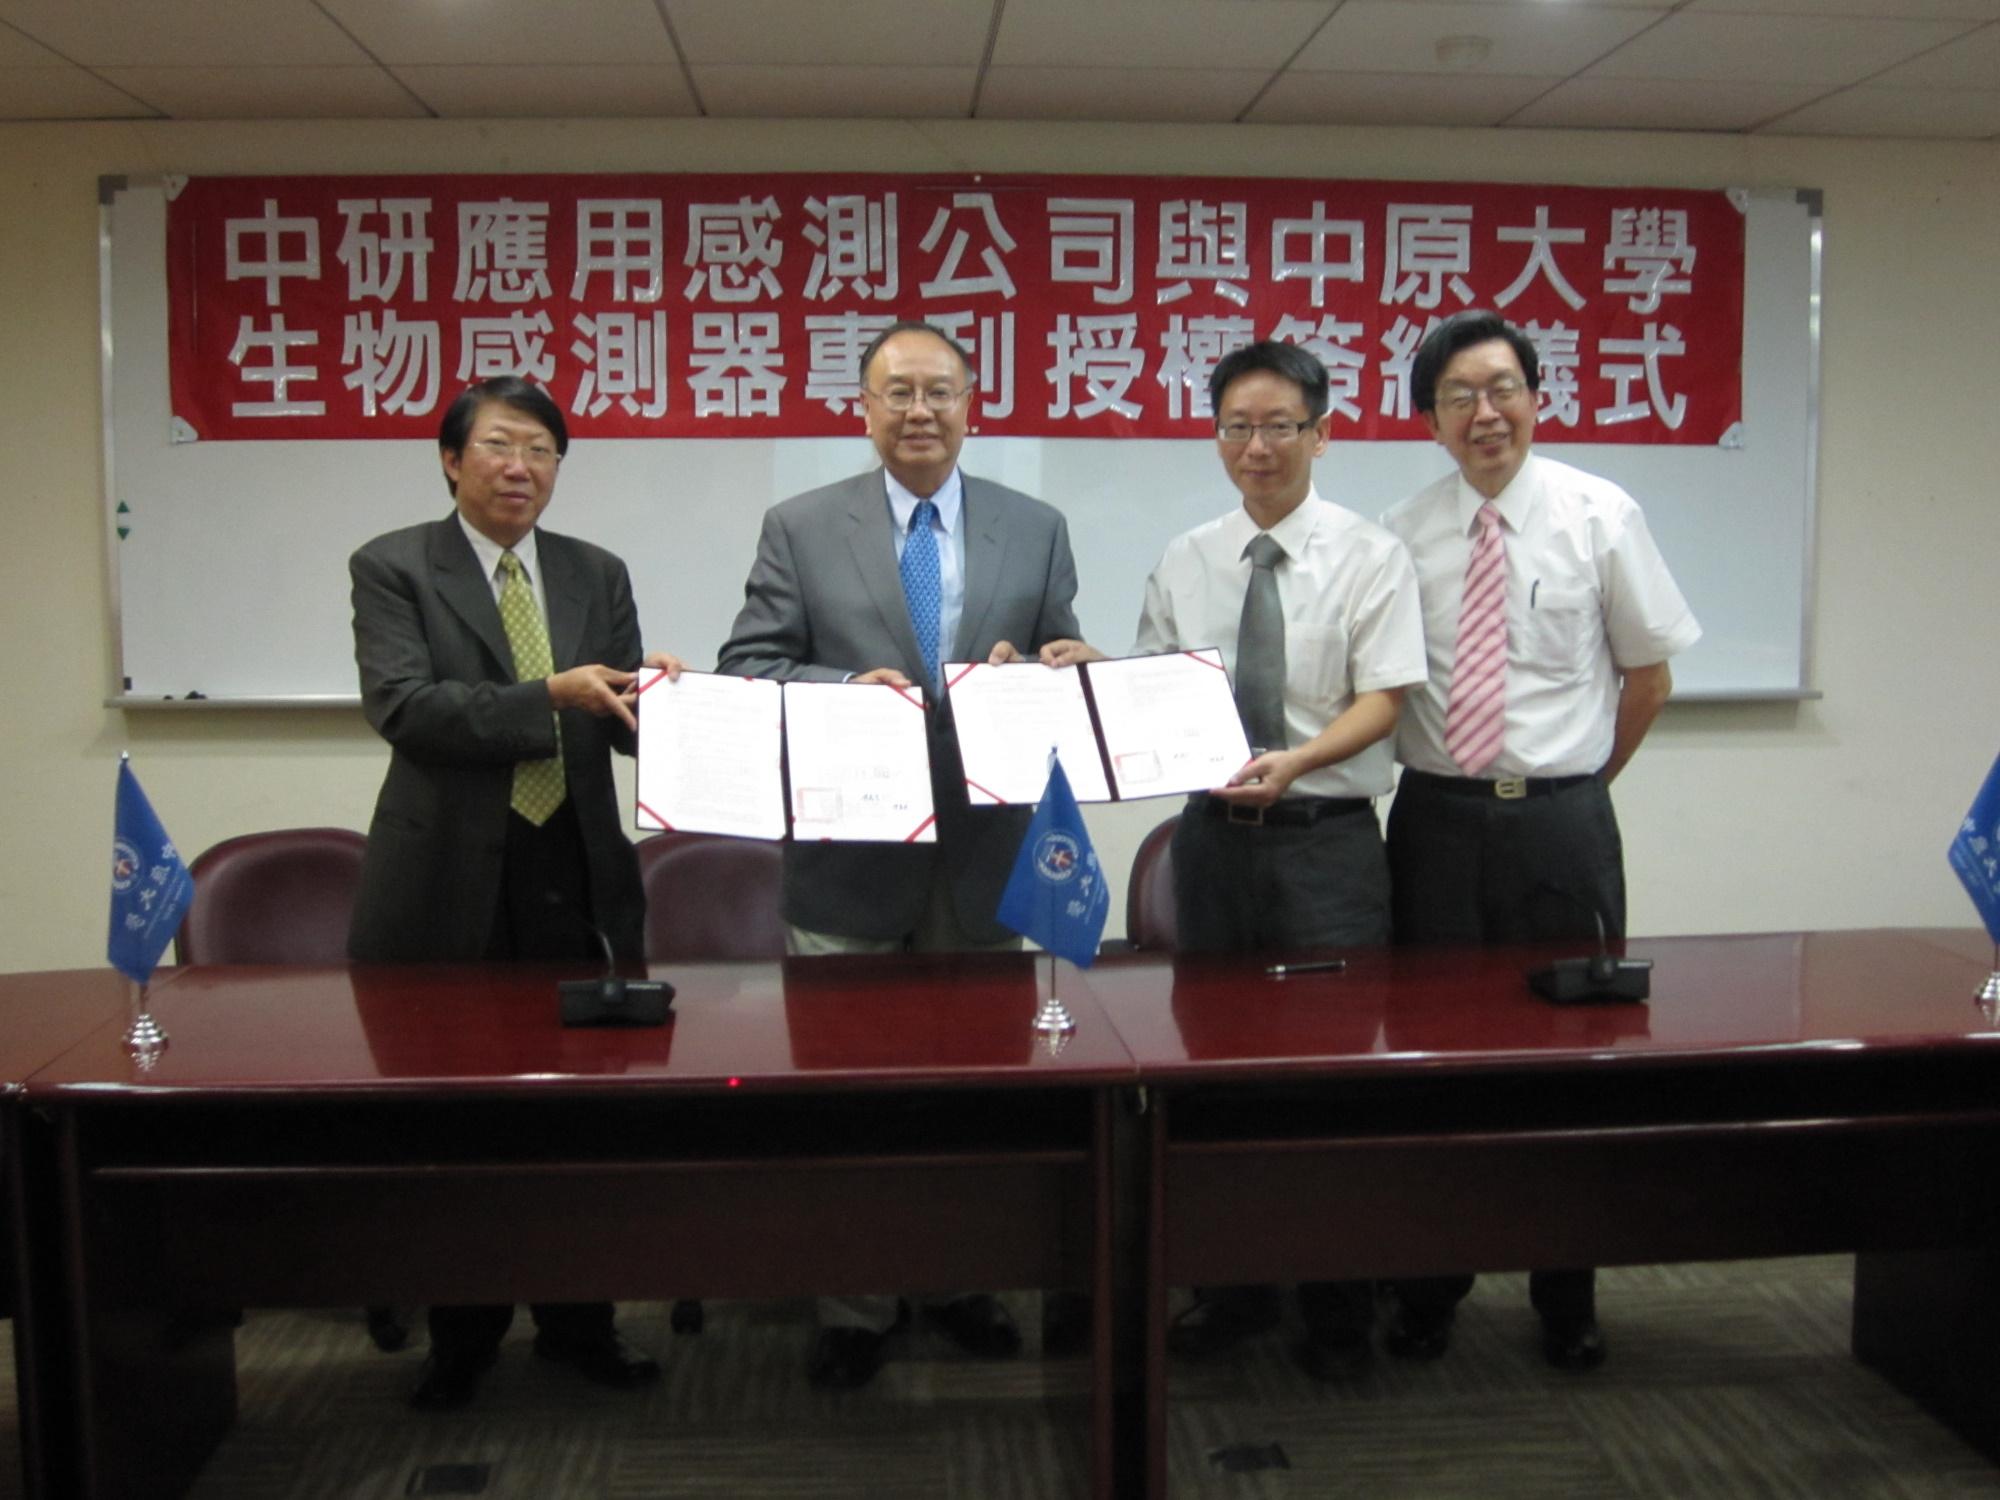 中原大學與中研公司專利授權簽約 合作開發生物感測器